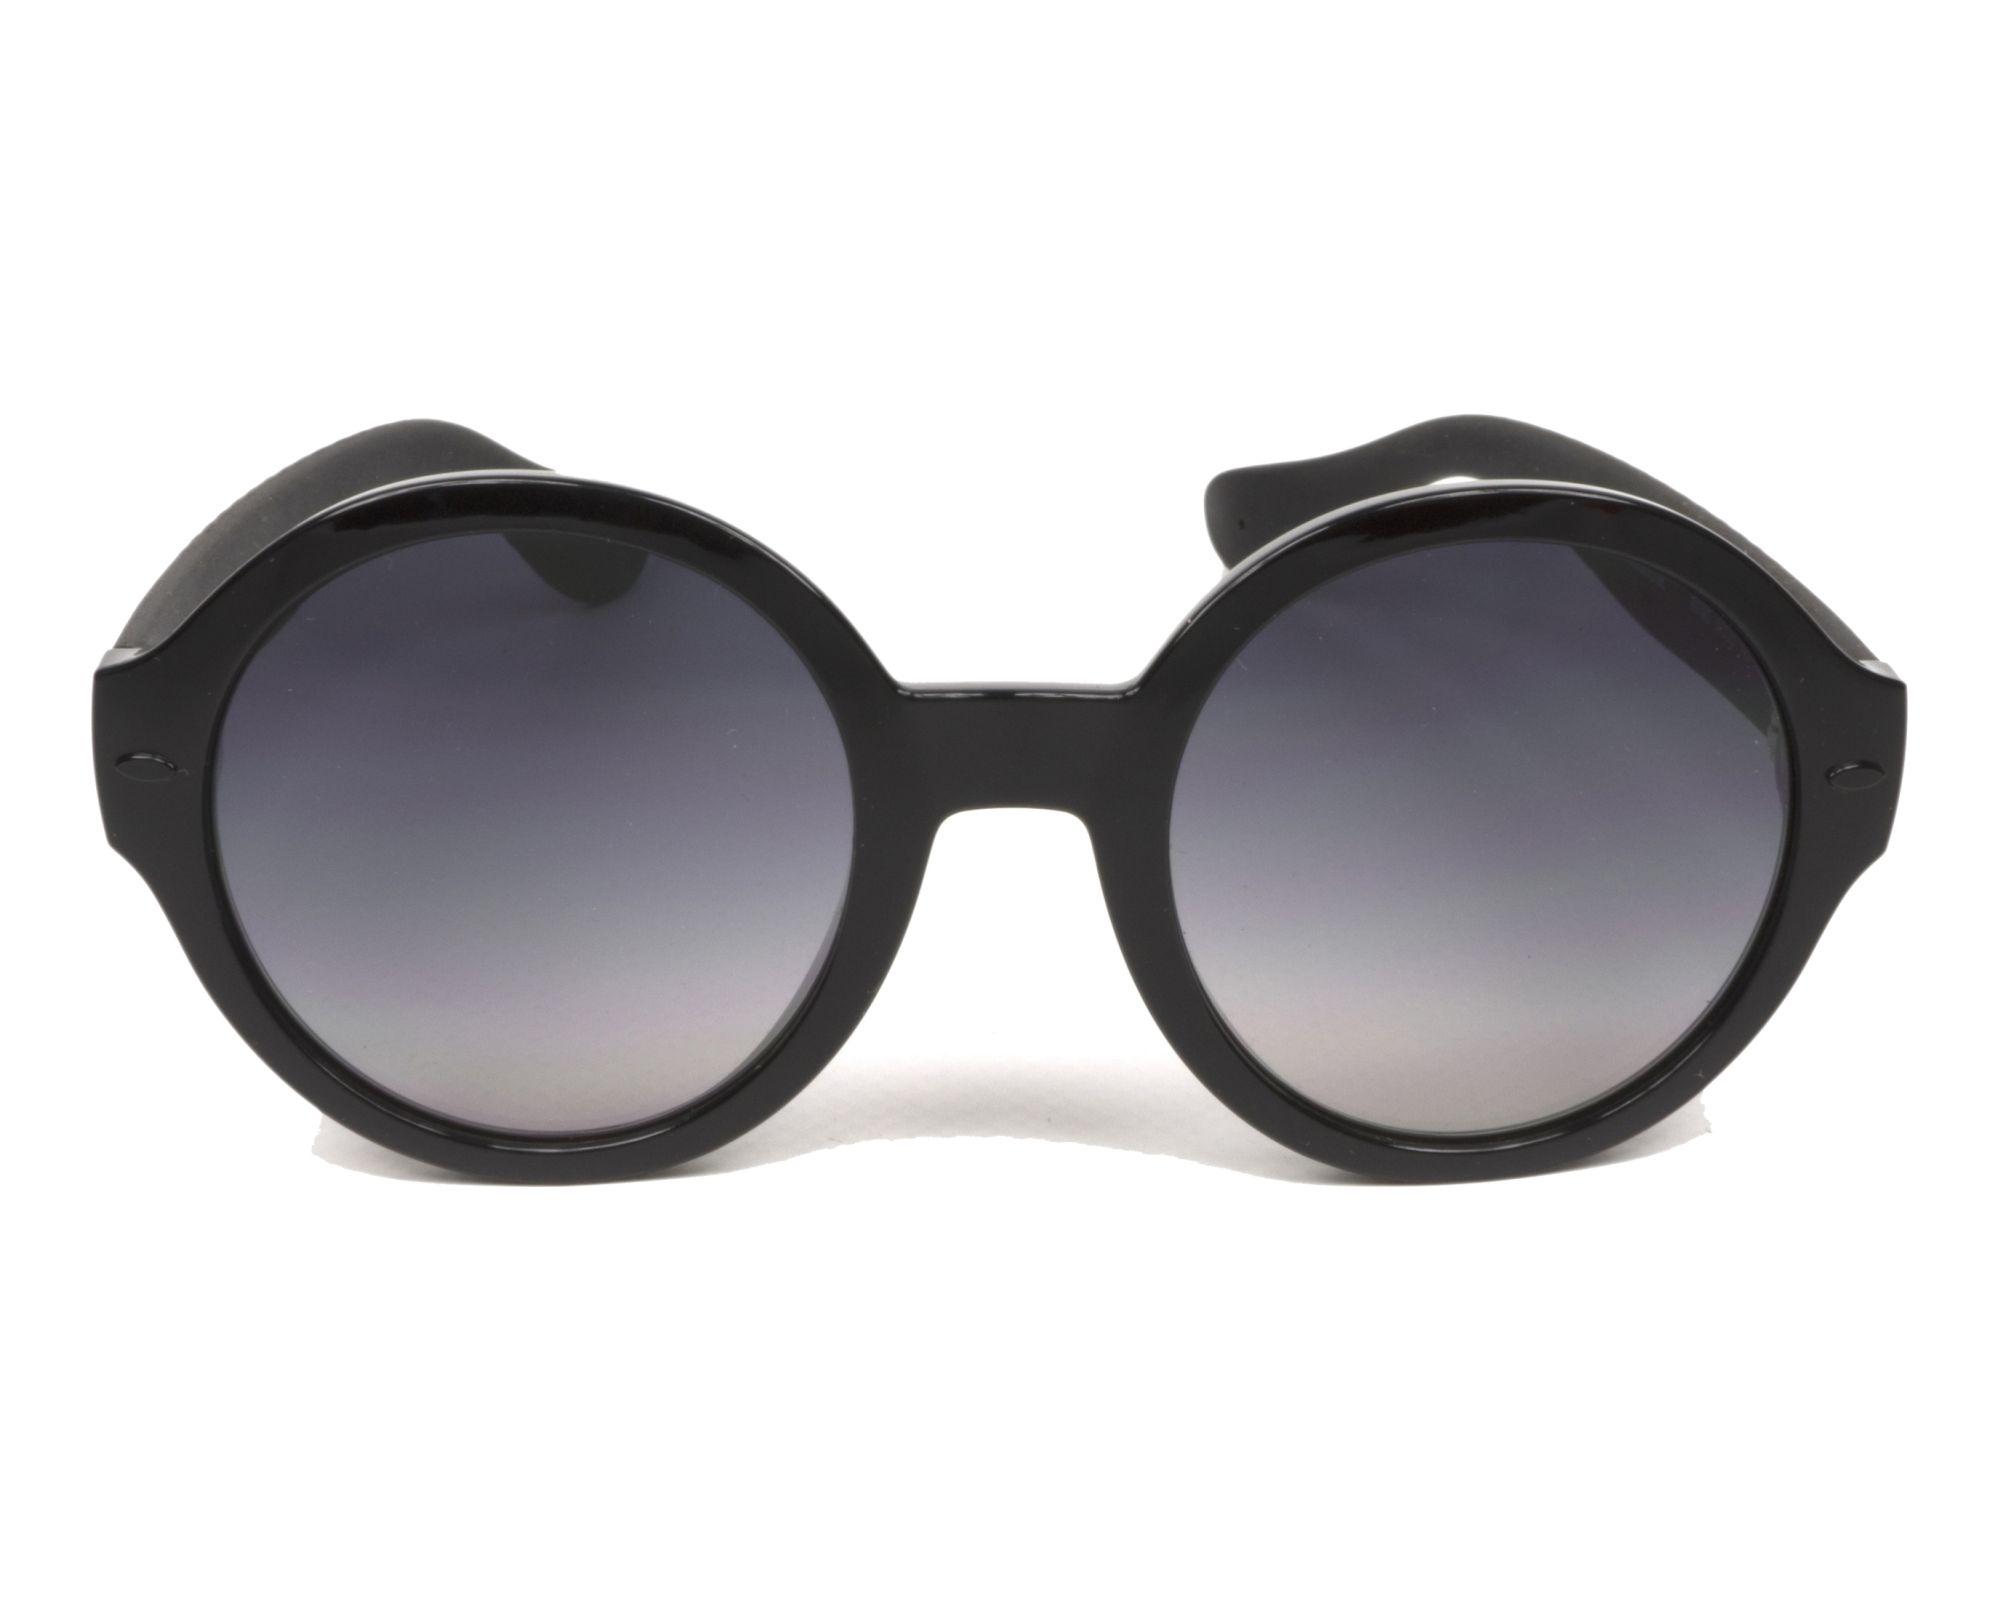 e125a3d2be Gafas de sol Havaianas FLORIPA-M 807/9O 51-23 Negra Negra vista